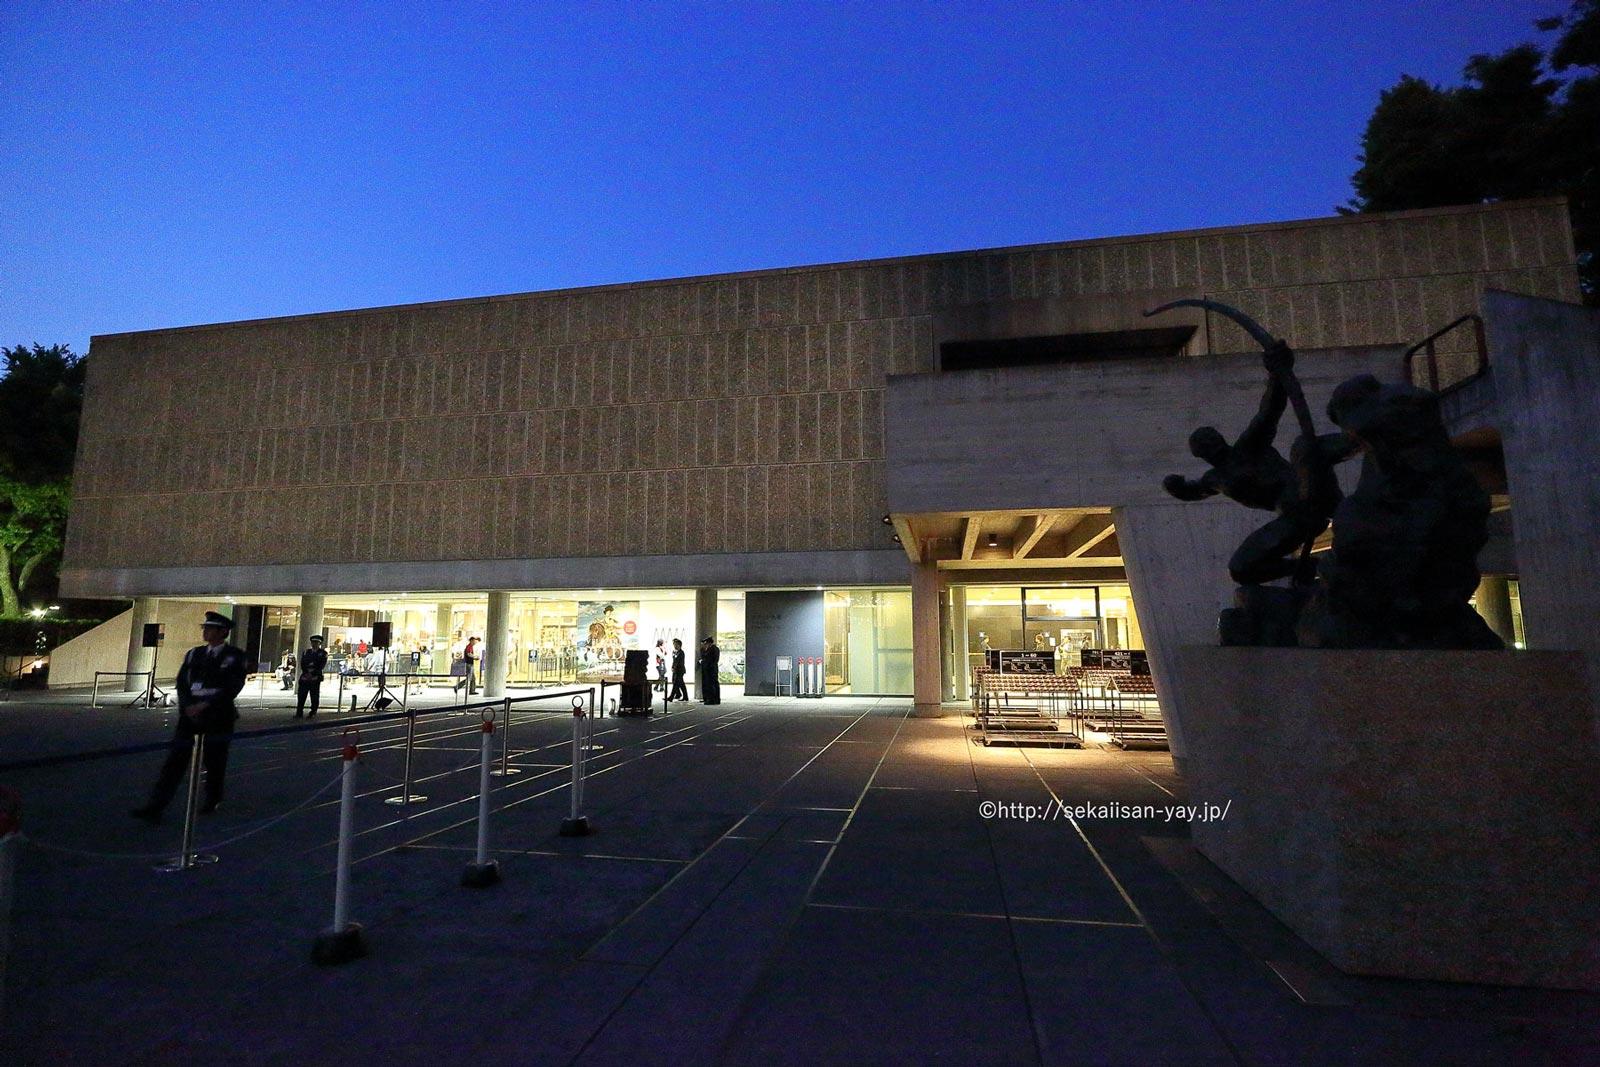 日本「国立西洋美術館本館」夜景